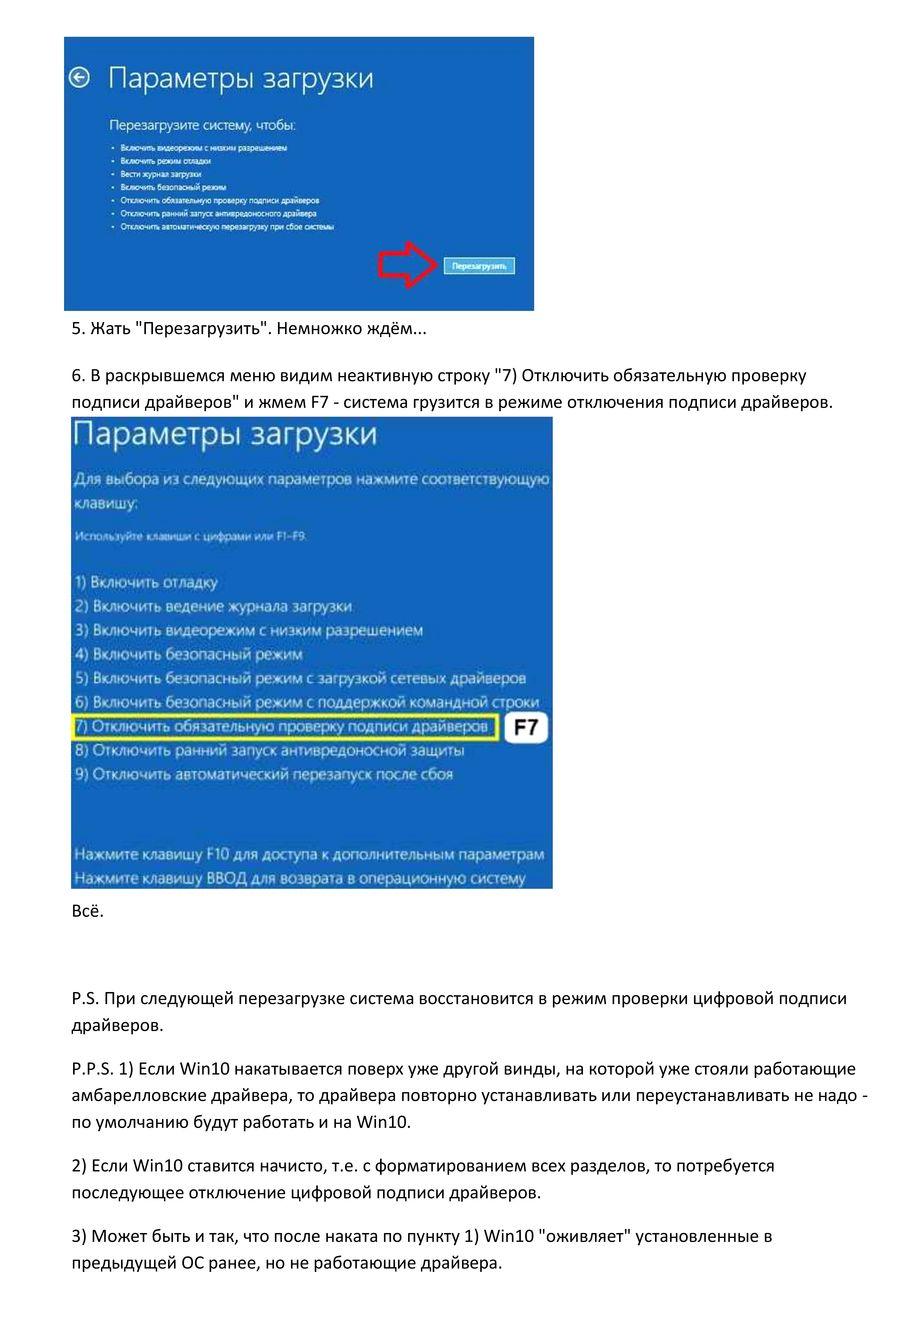 Отключение подписи драйверов Win10 стр.2.jpg